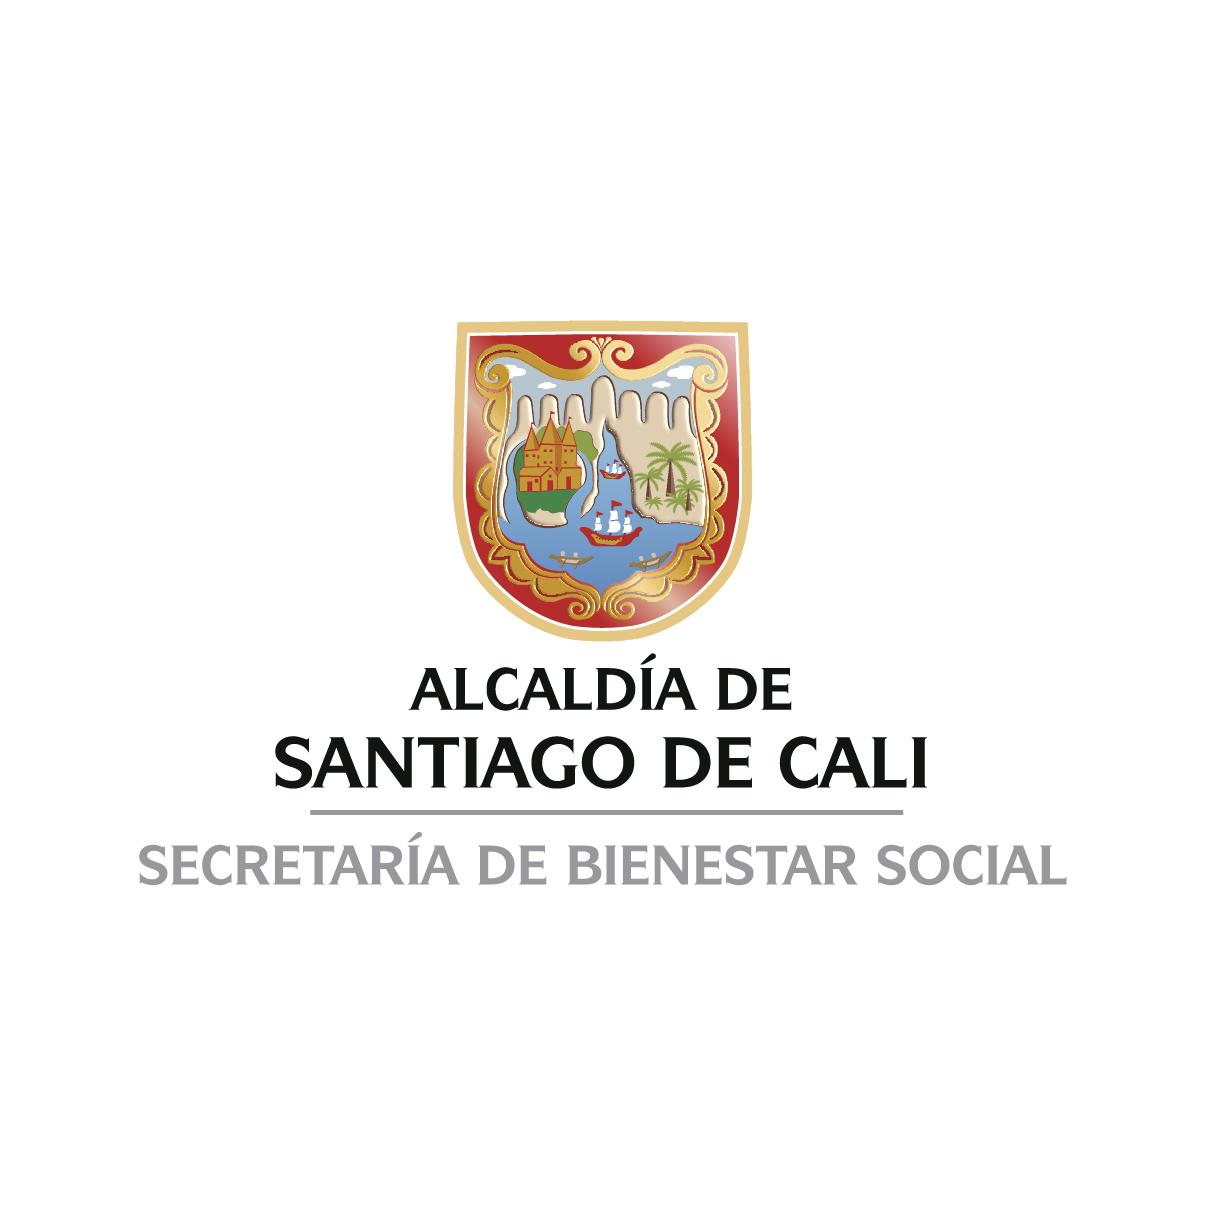 secretaria-de-bienestar-social